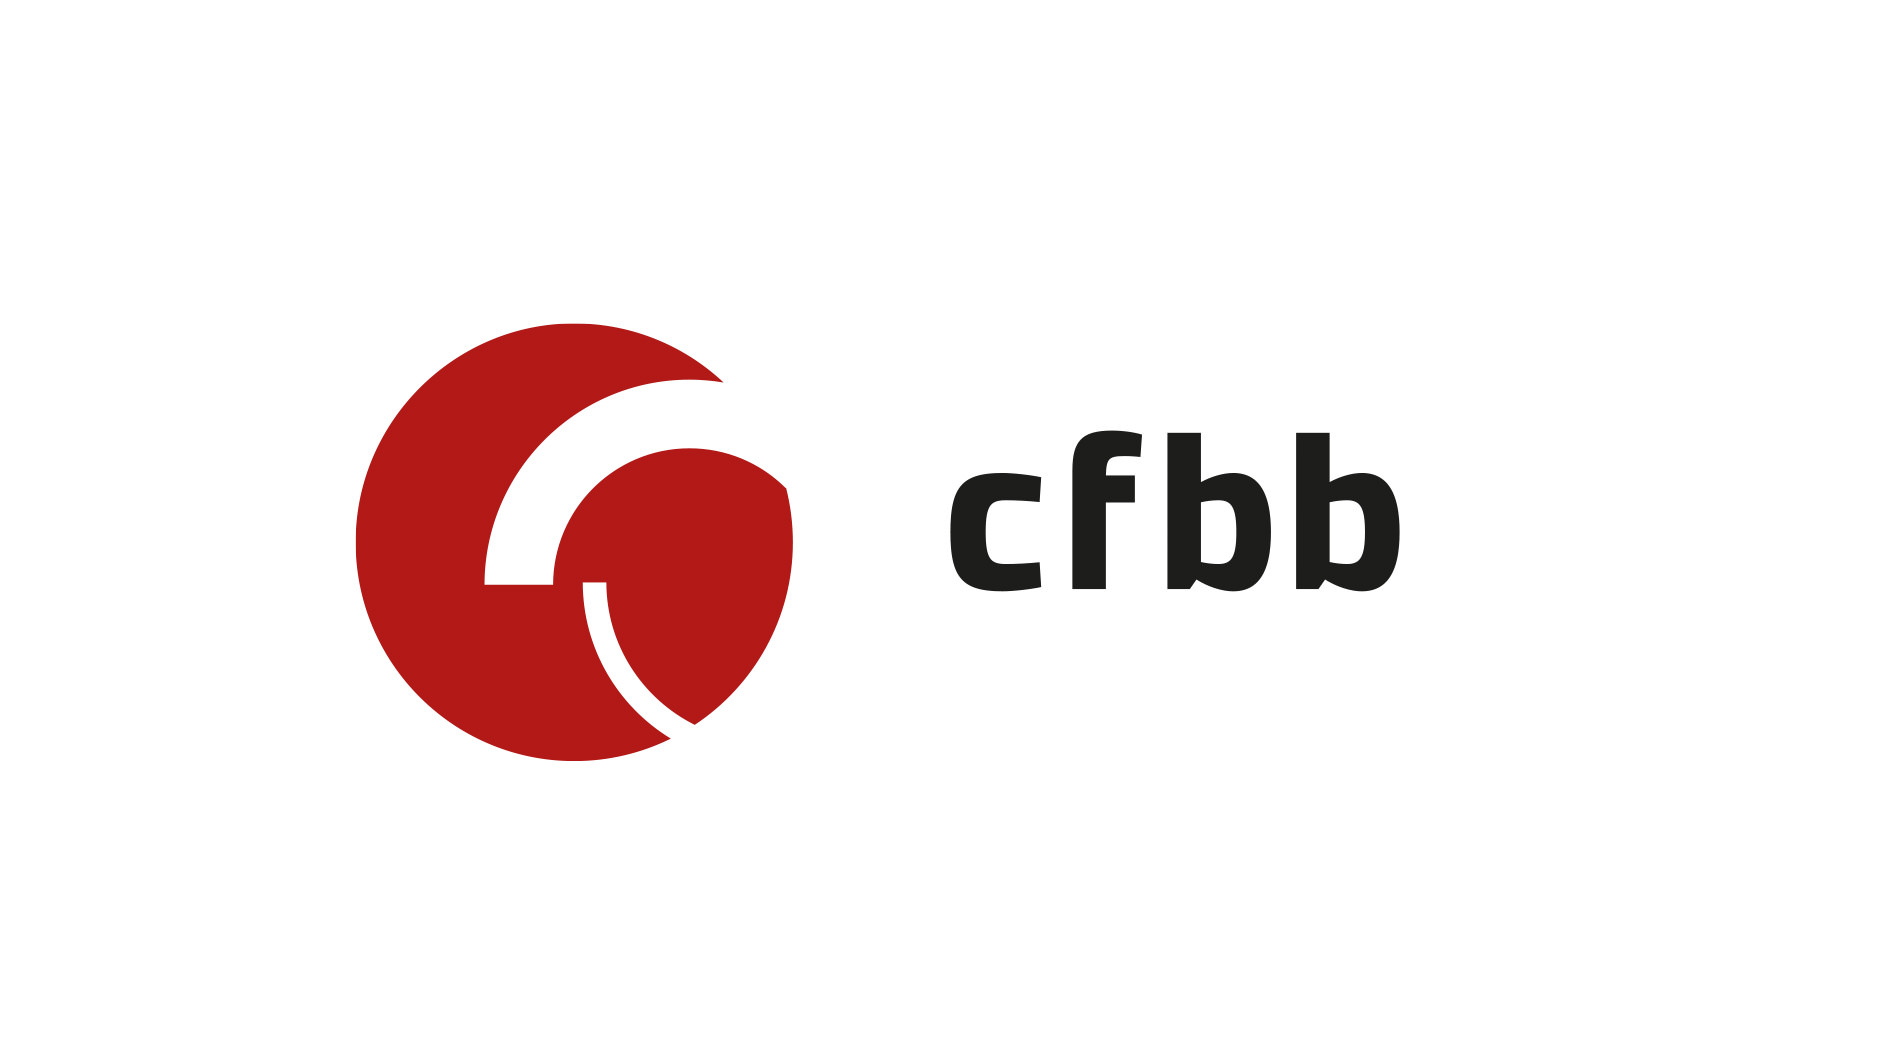 cfbb_design11